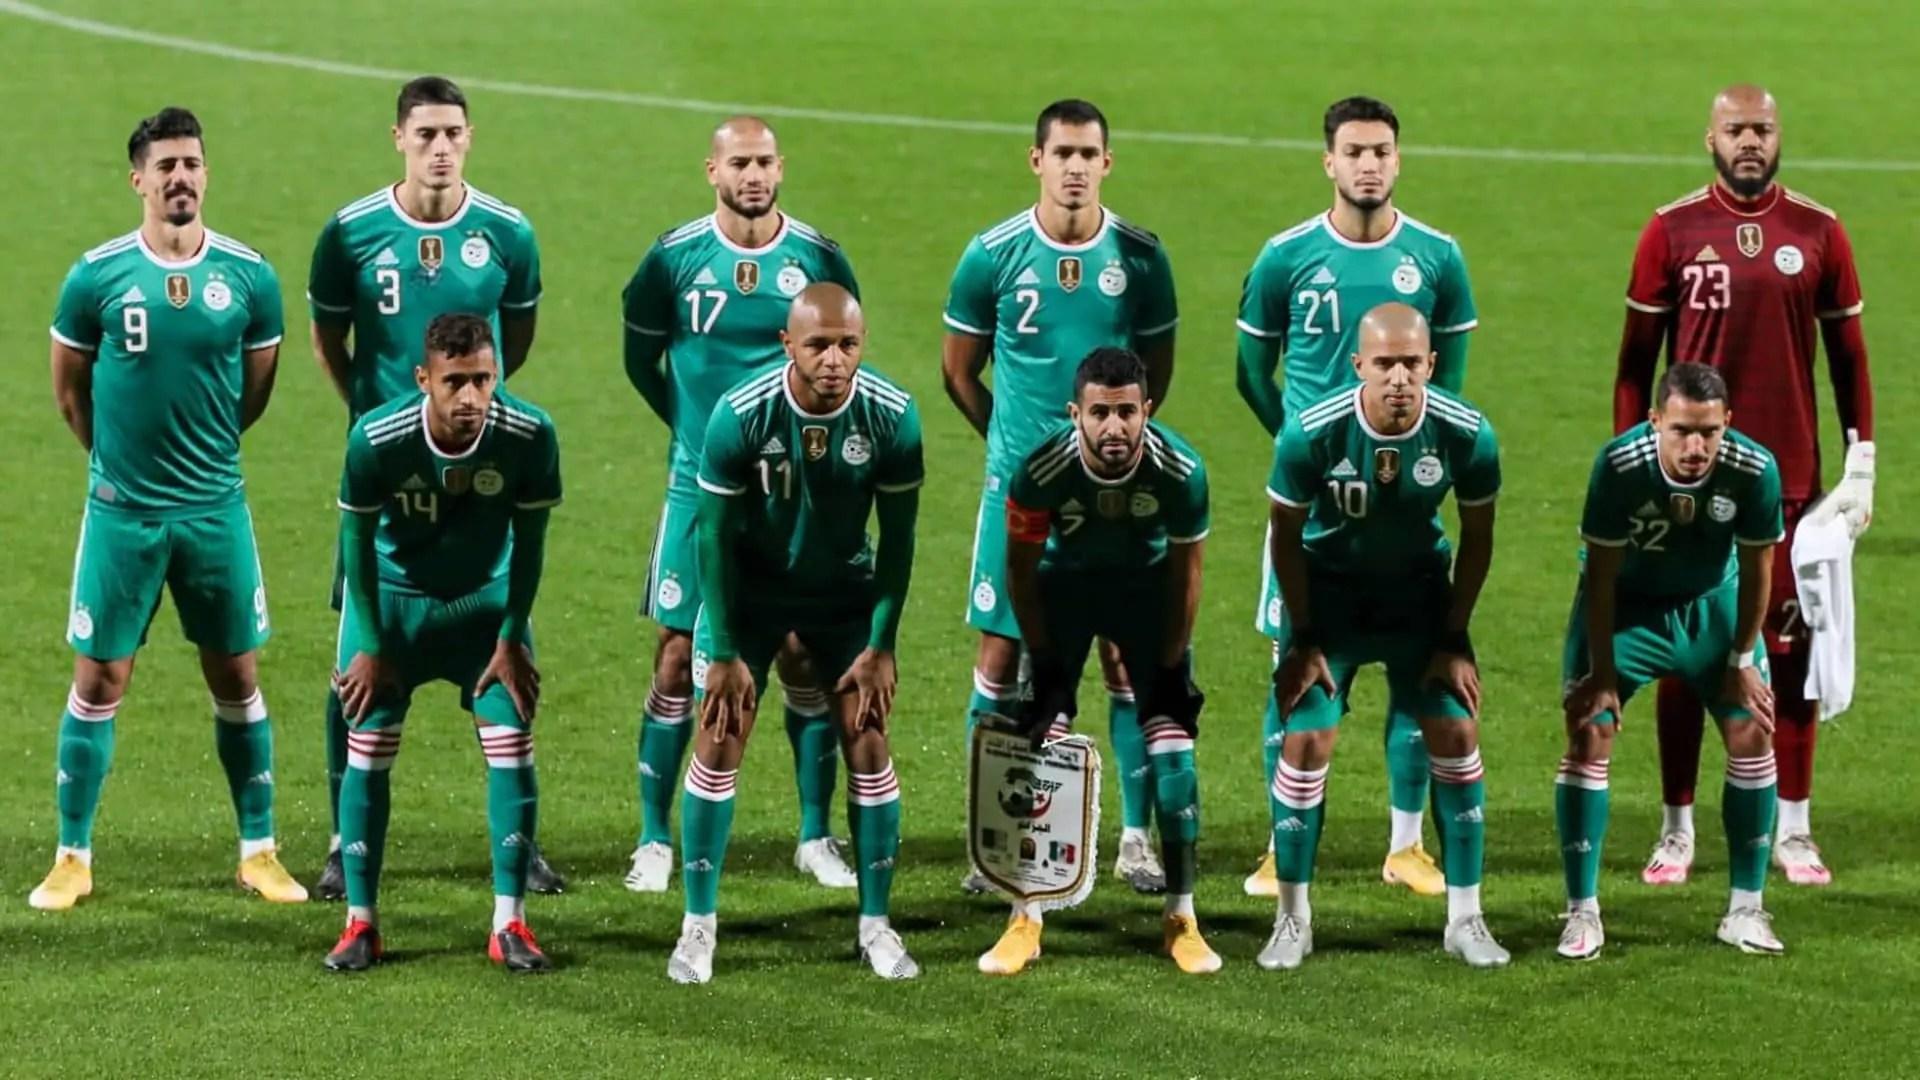 Éliminatoires de la CAN et de la Coupe du monde : Le calendrier de